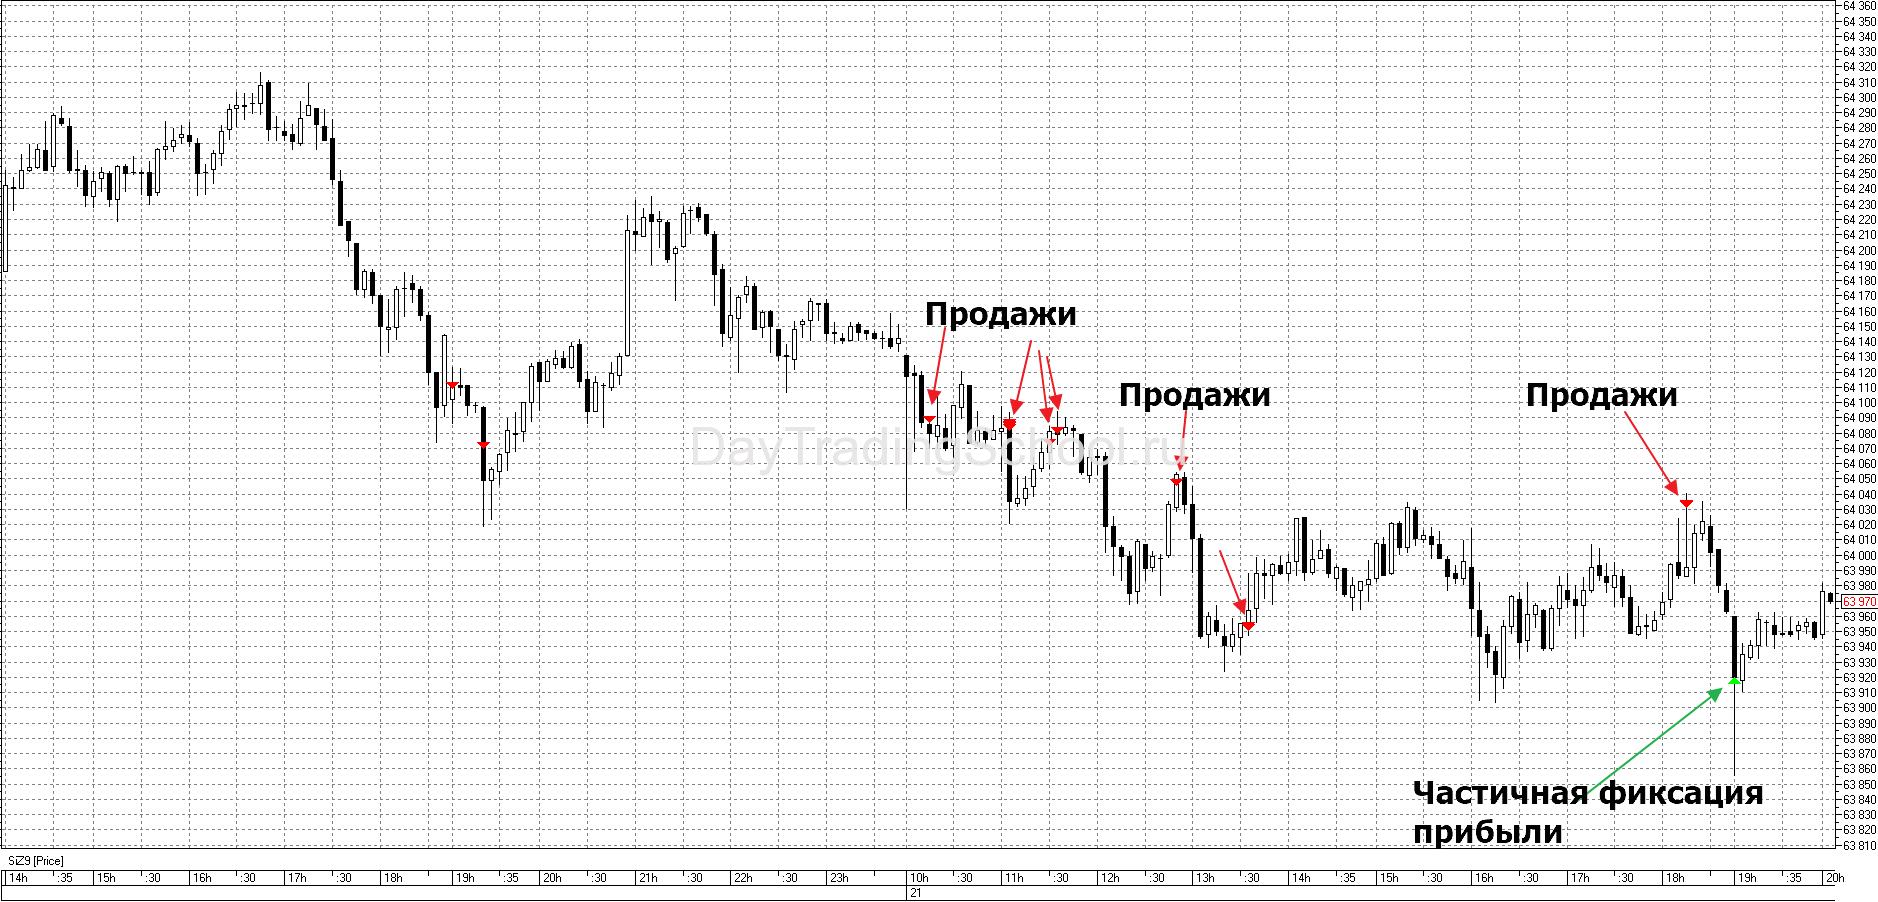 сделки-роботов-по-Si-от-21.11.2019